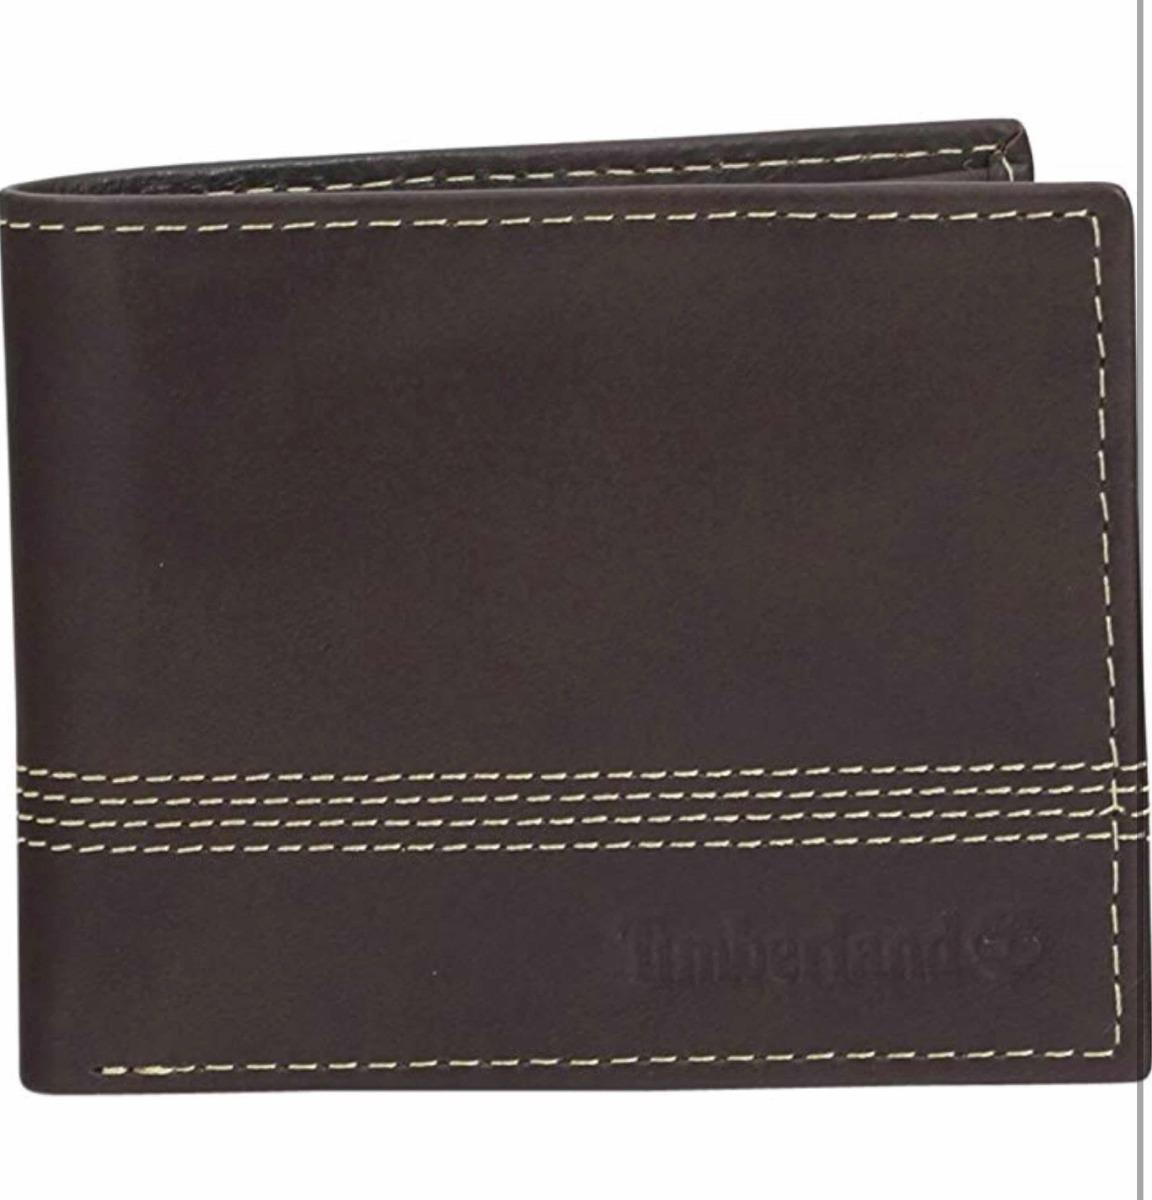 ba6d27f82 Billetera Timberland Nueva Y Original - U$S 34,99 en Mercado Libre